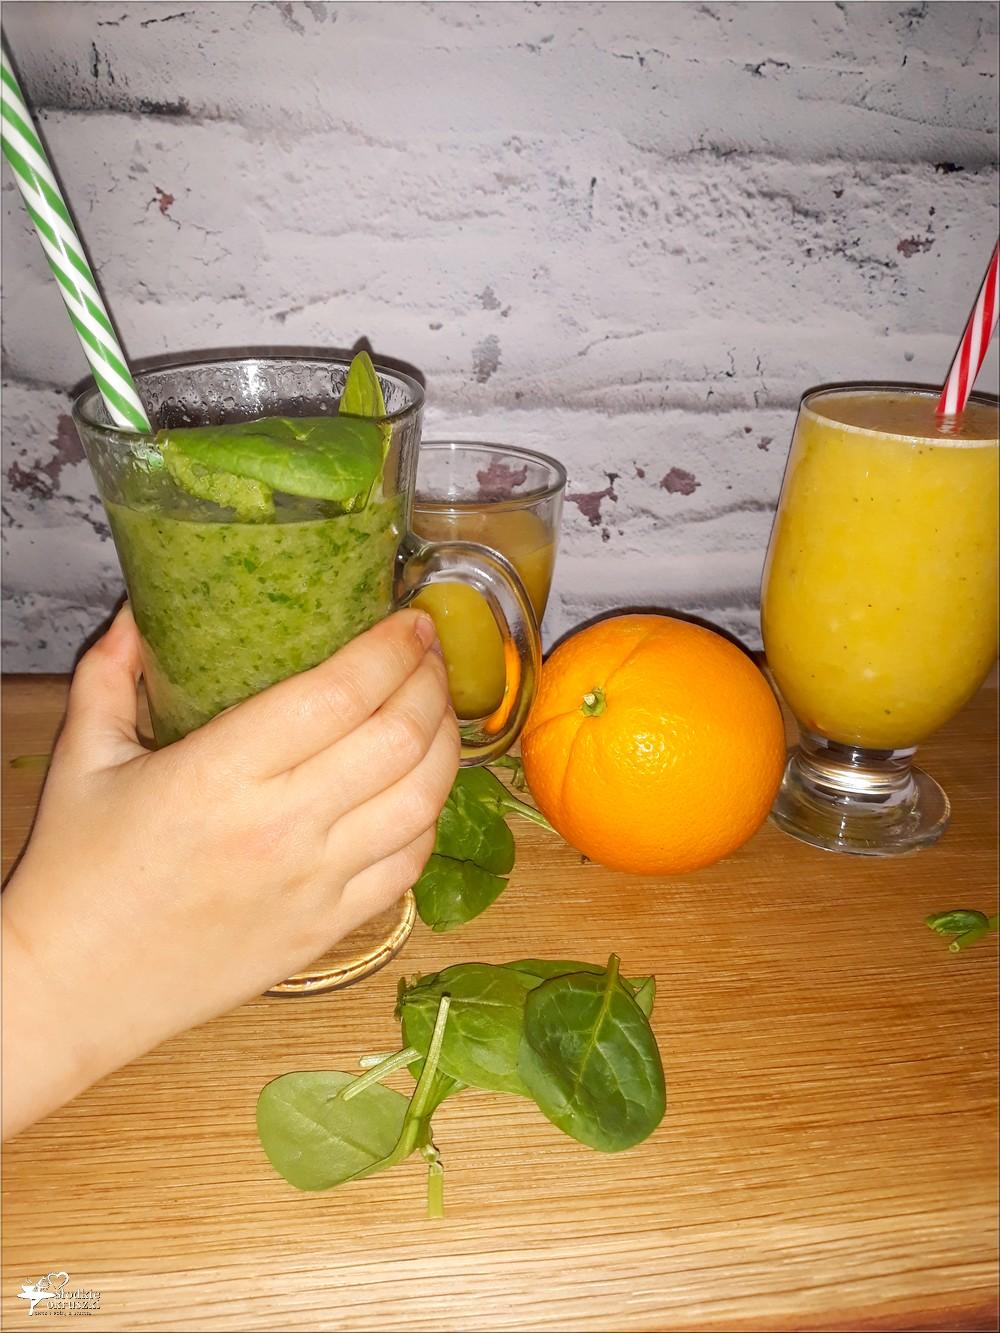 szpinak słodkie owoce i woda fiji czyli smoothie idealne dla najmłodszych